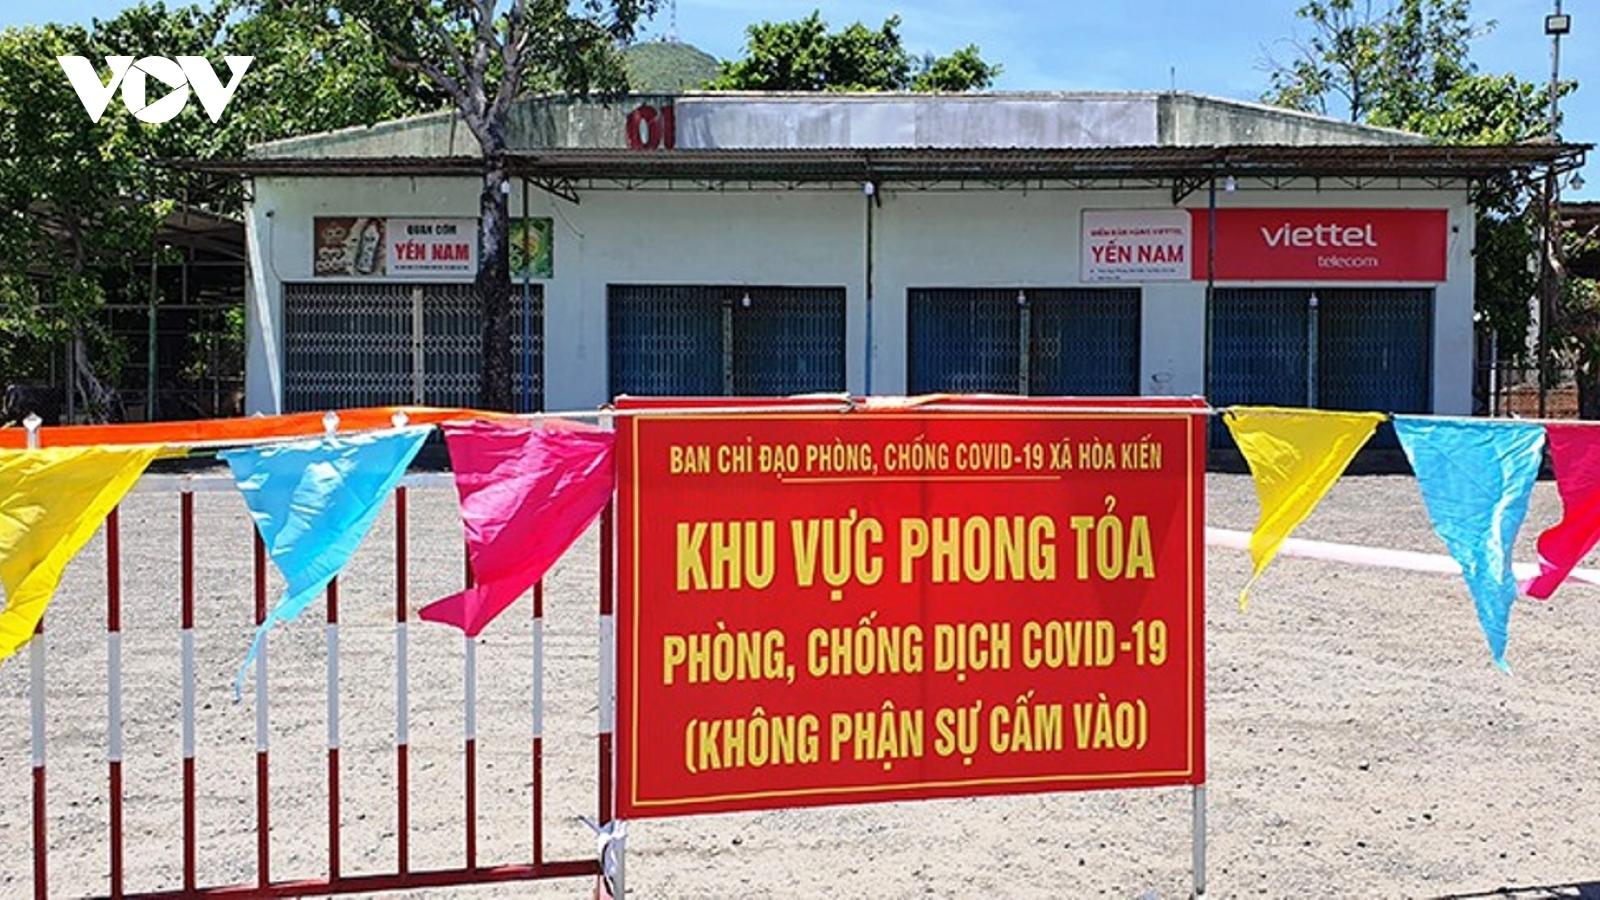 BN mắc Covid-19 ở Phú Yên trước đó đã đến 3 cơ sở y tế nhưng không được khám sàng lọc